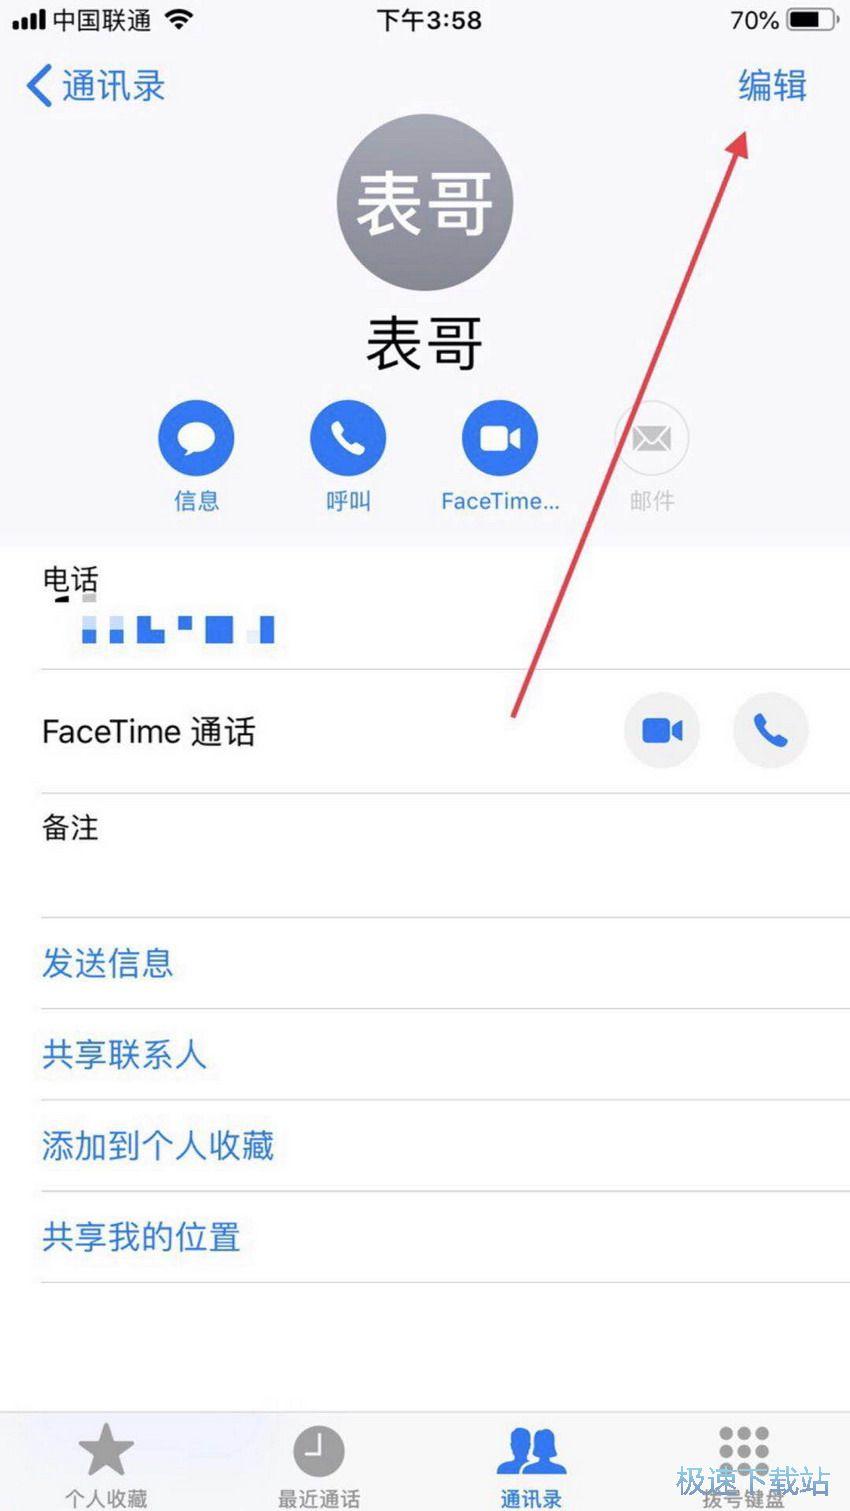 苹果手机如何设置通讯录好友生日提醒? 缩略图